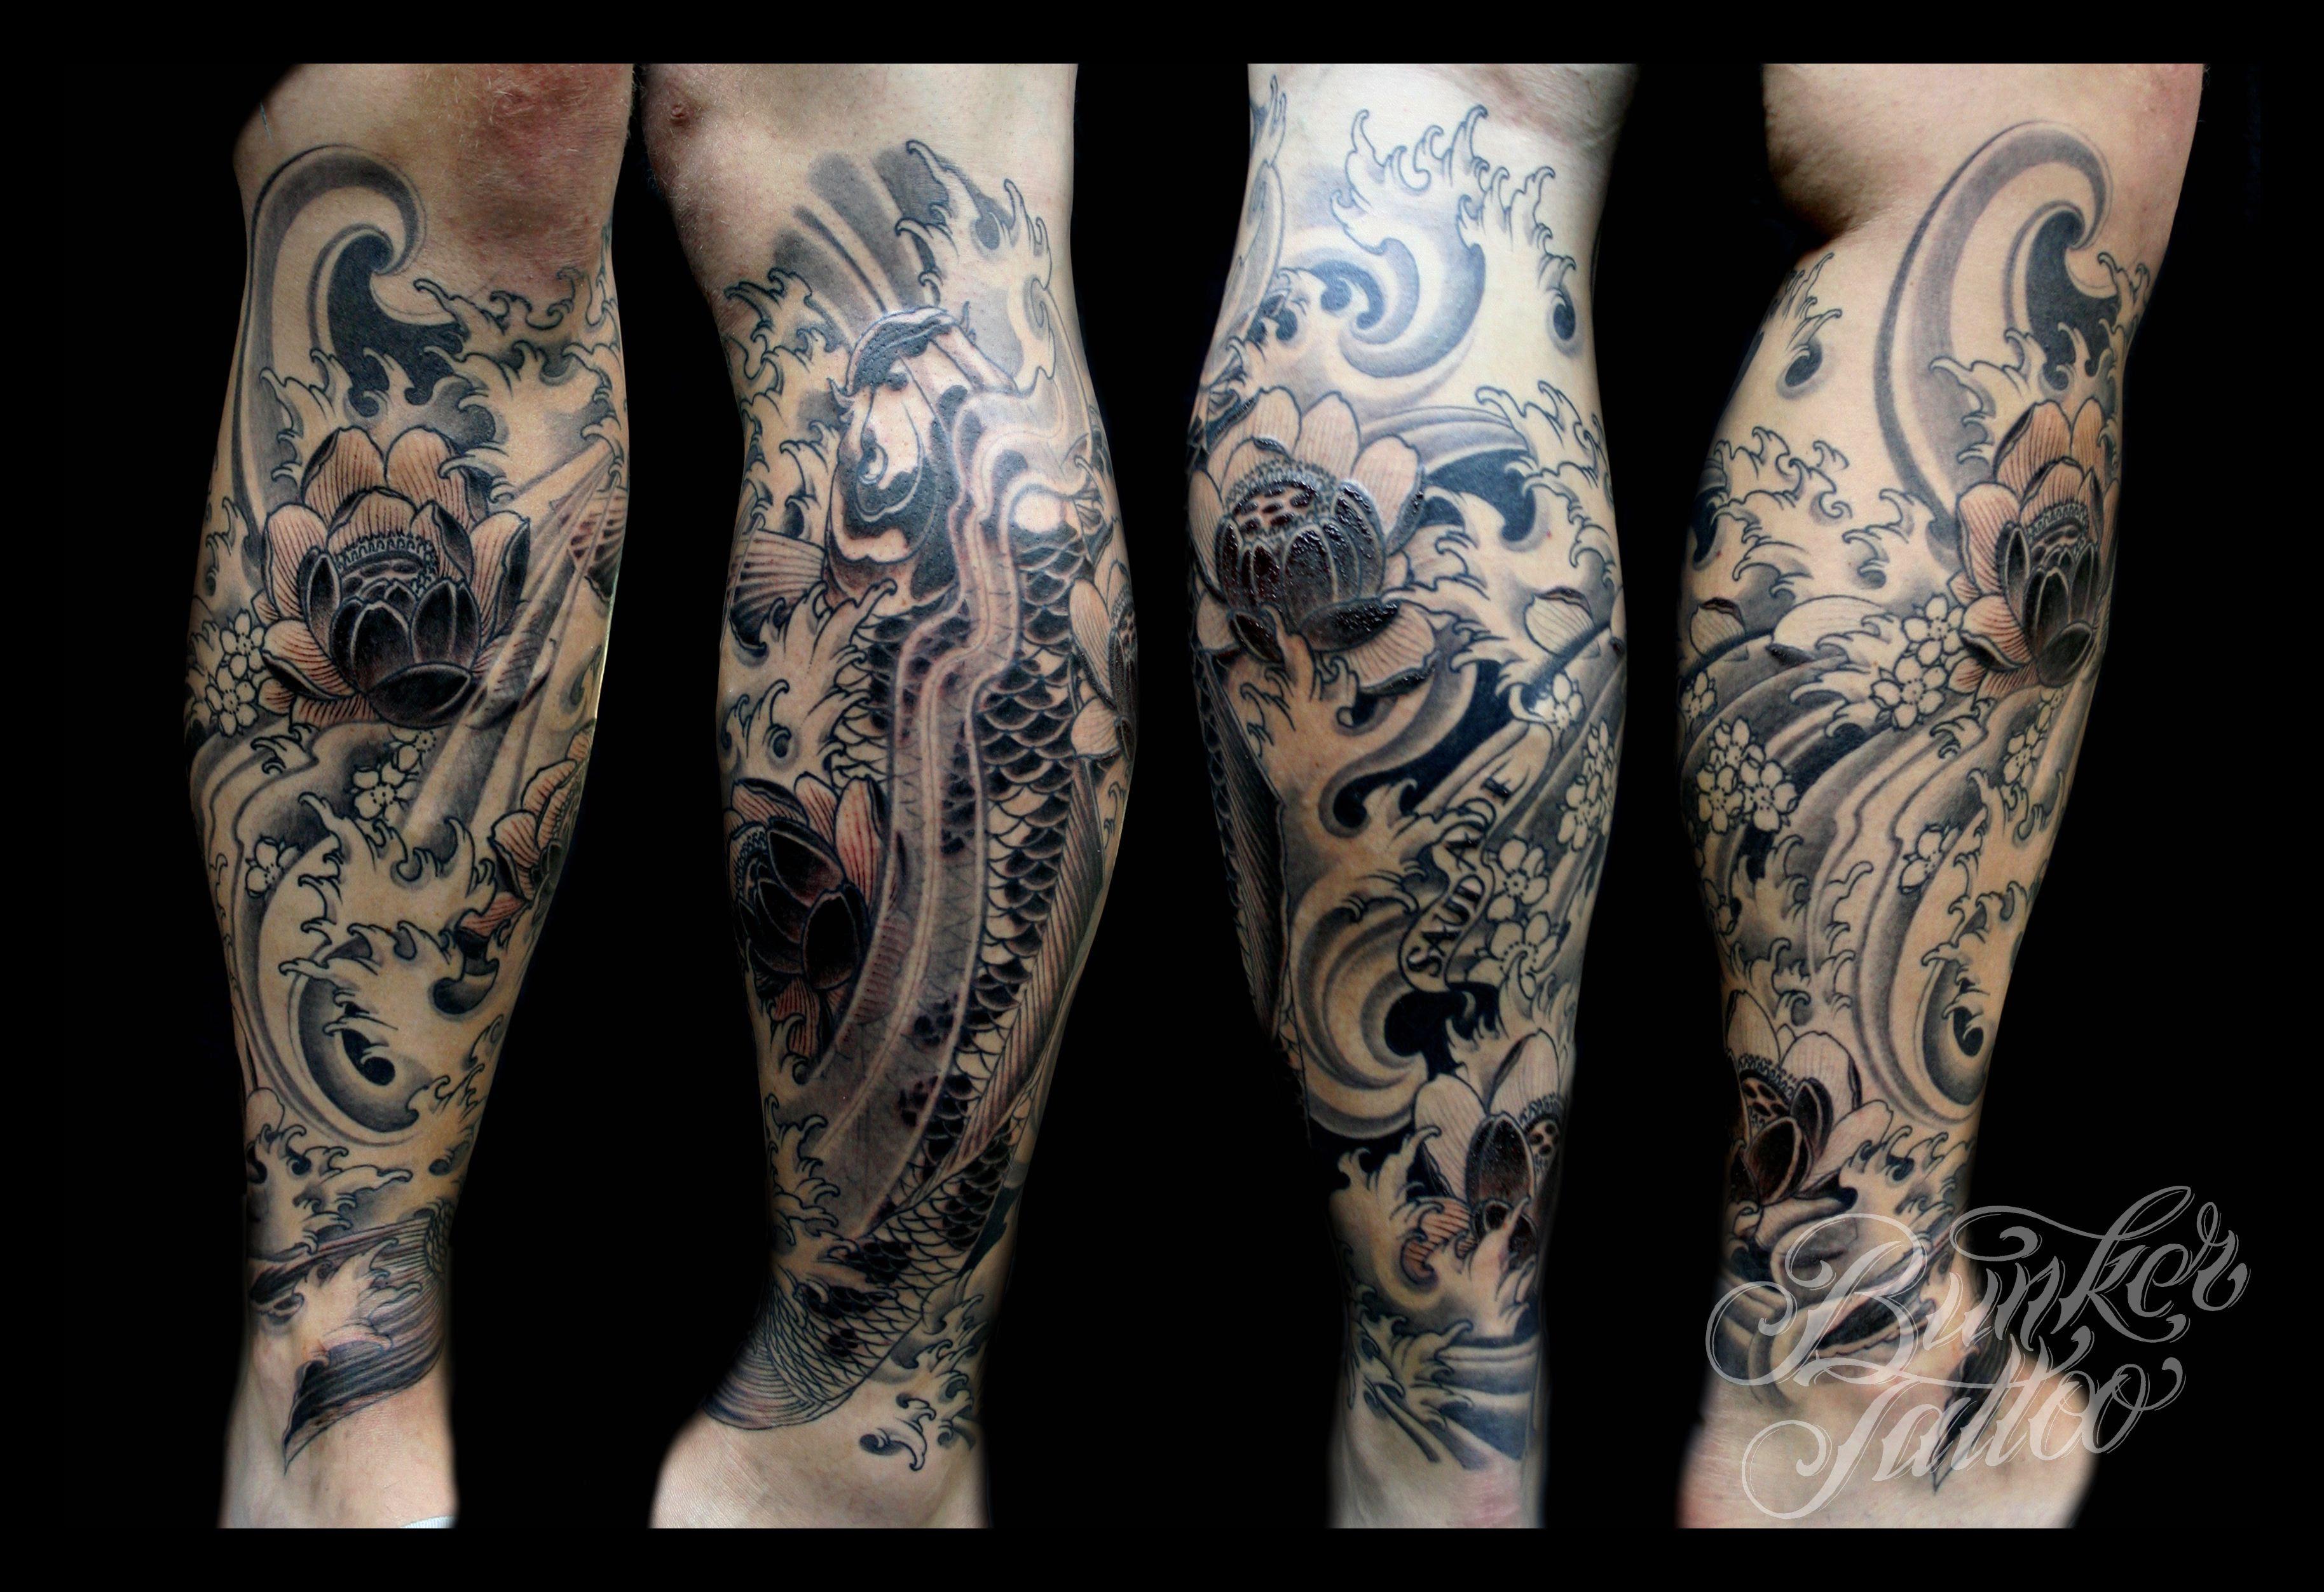 Women Tattoo Collection Leg Sleeve Tattoo Ideas